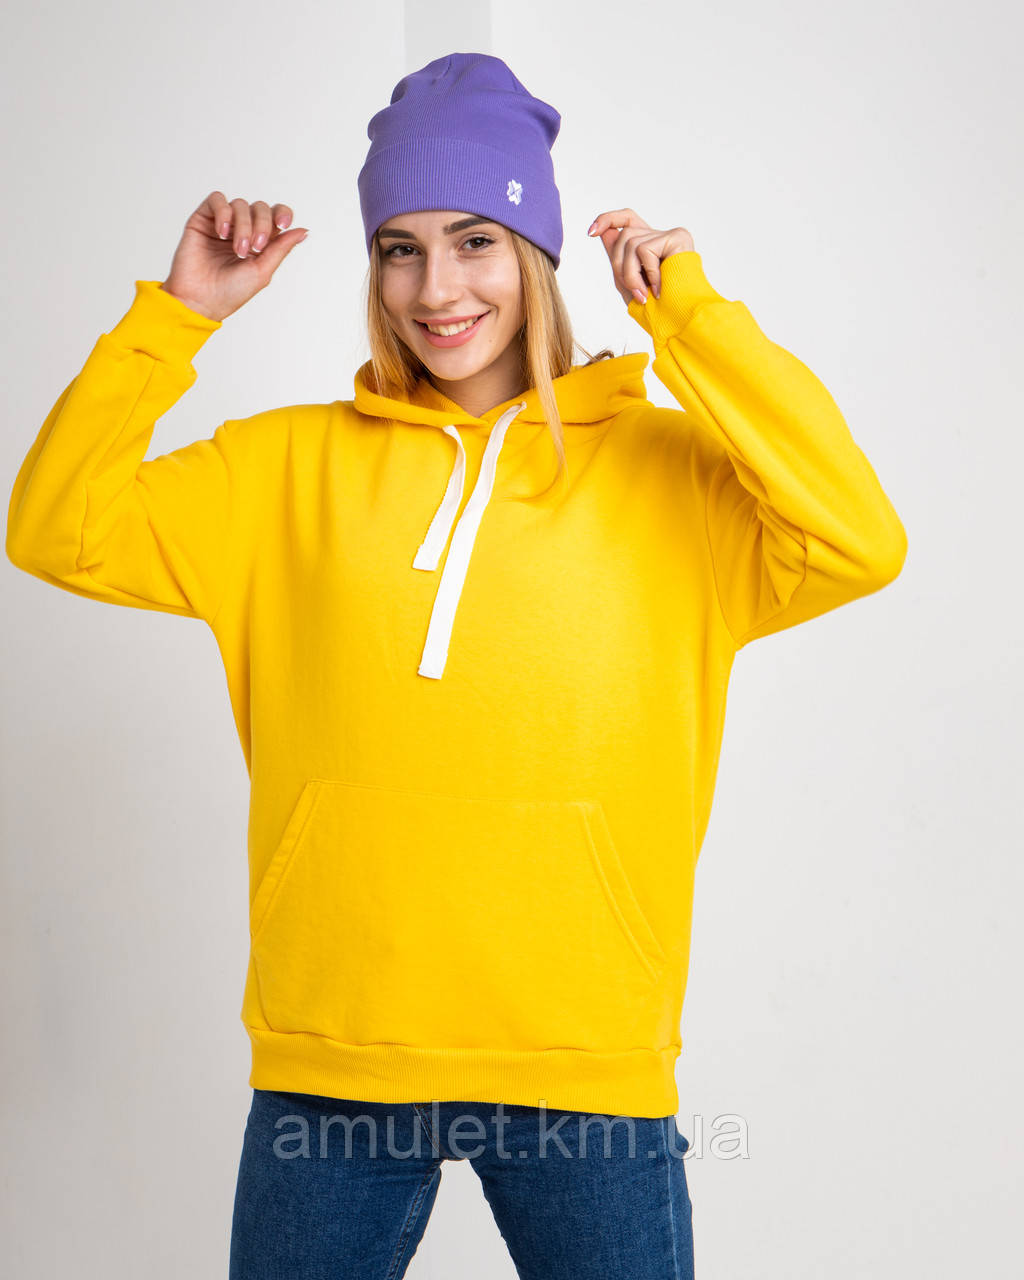 Худі UNISEX (для жінок і чоловіків). Жовтий колір. Розмір XS.